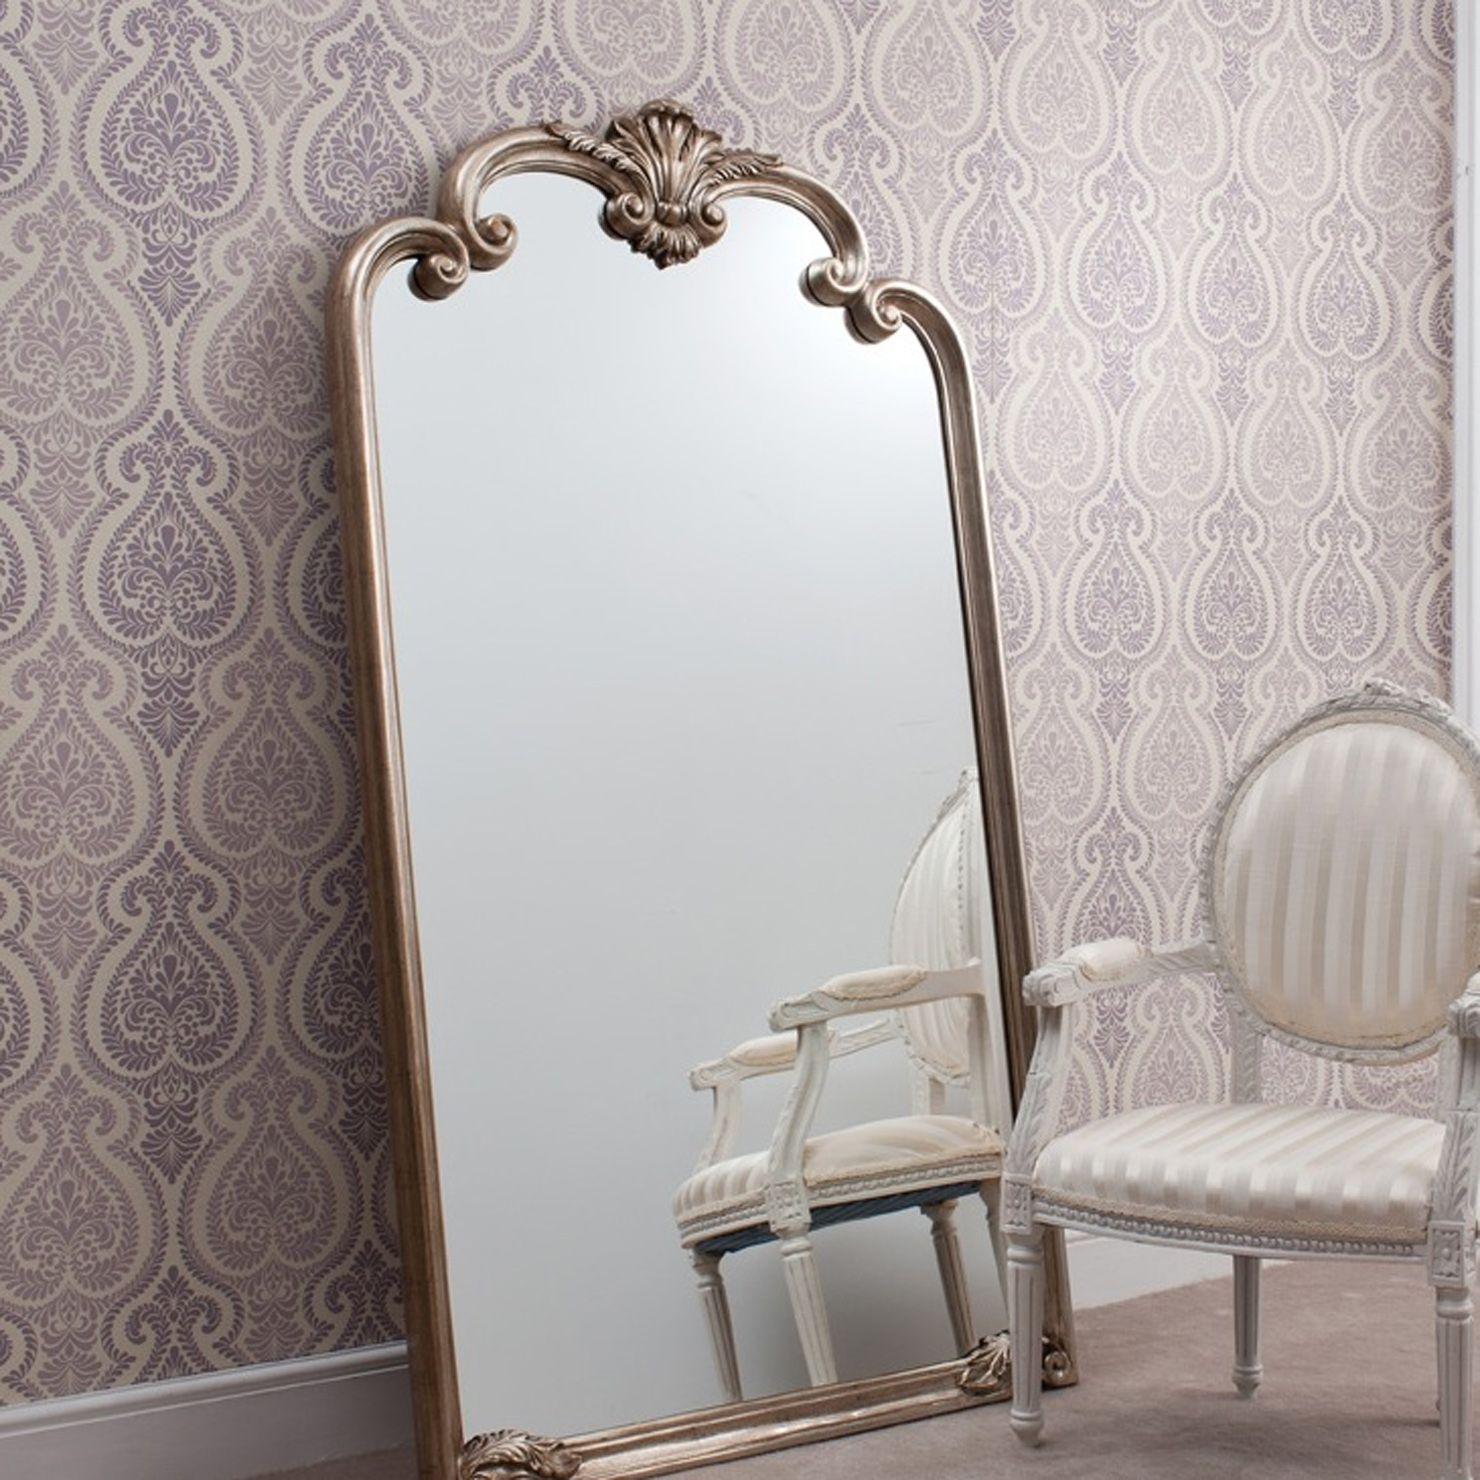 Gallery Palazzo Silver Leaner Mirror | ACHICA | Home Decor ...